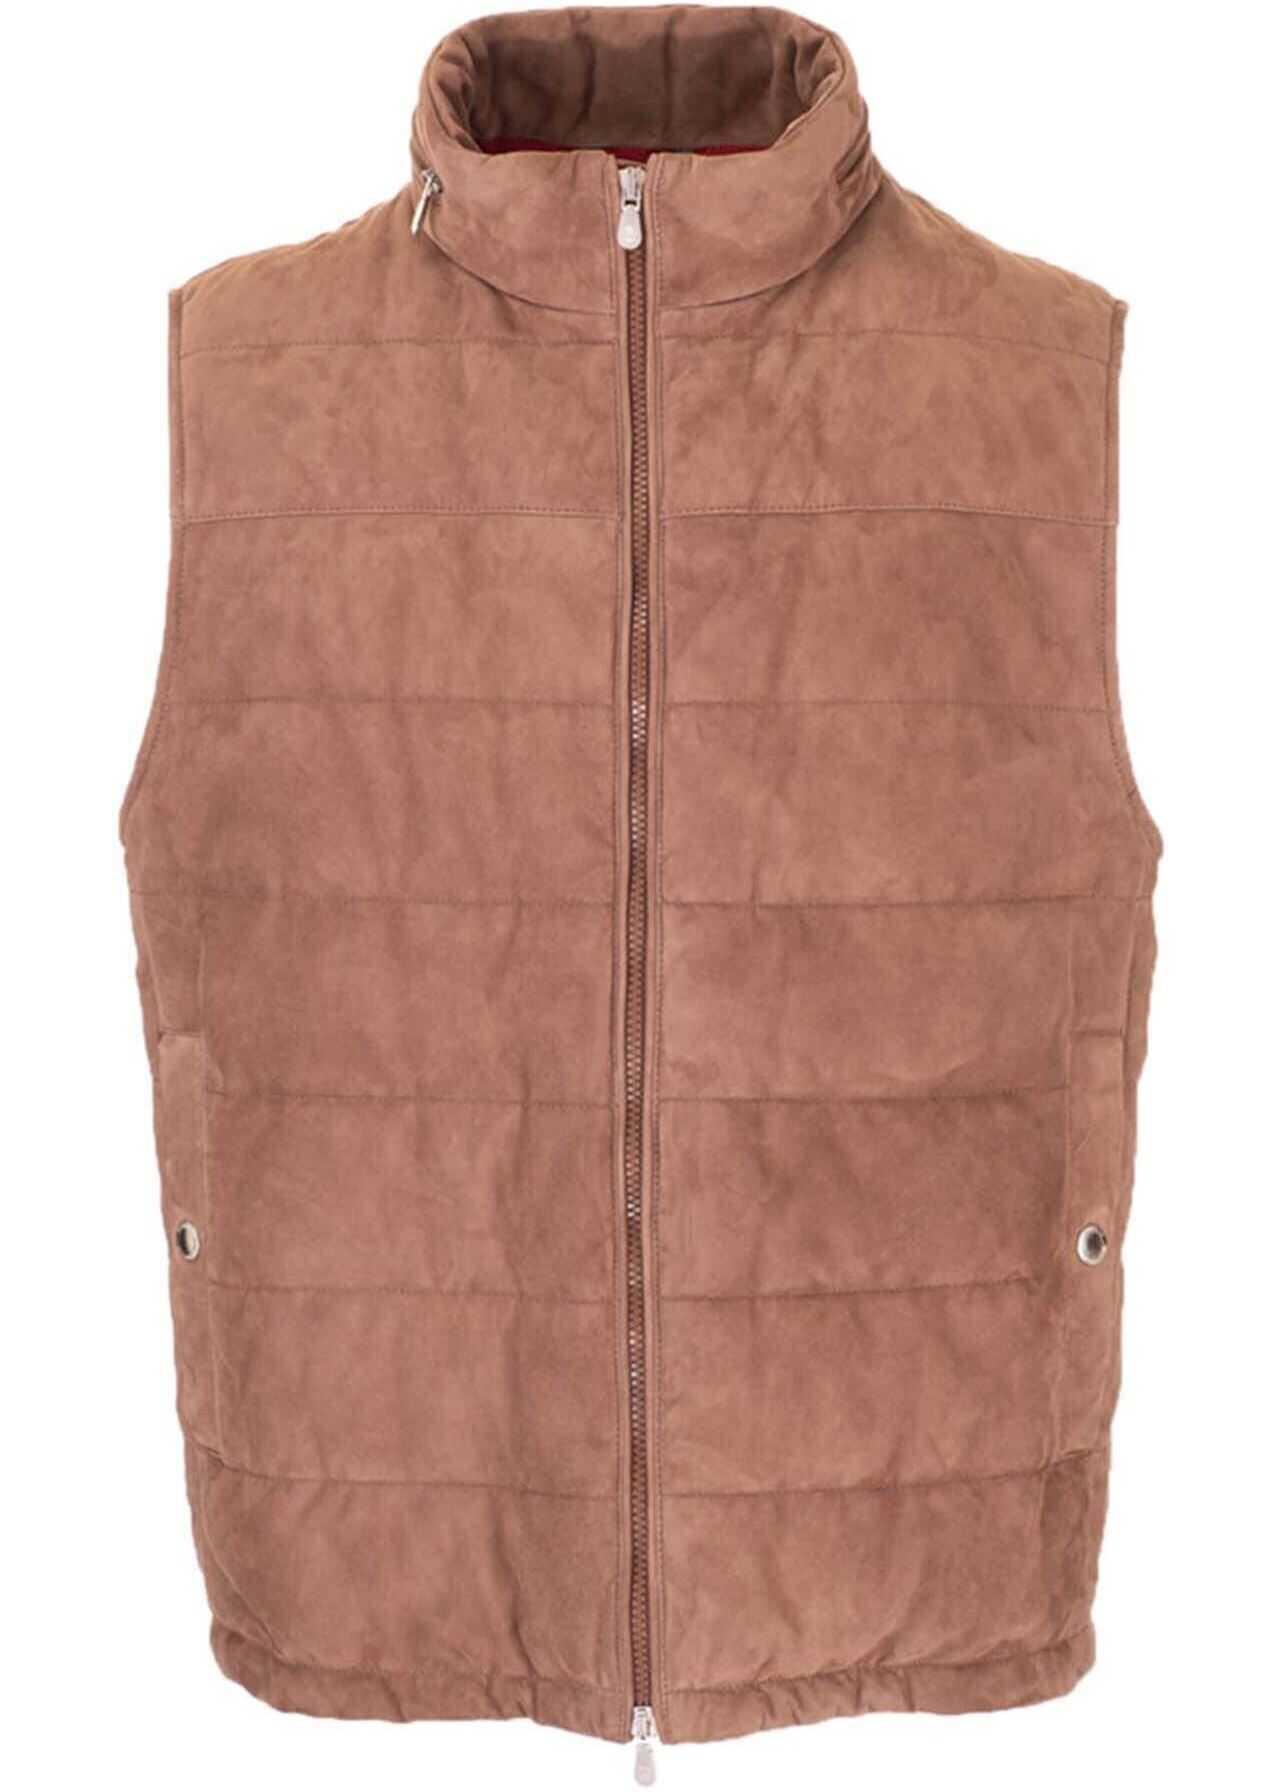 Brunello Cucinelli Padded Vest In Cocoa Color Brown imagine